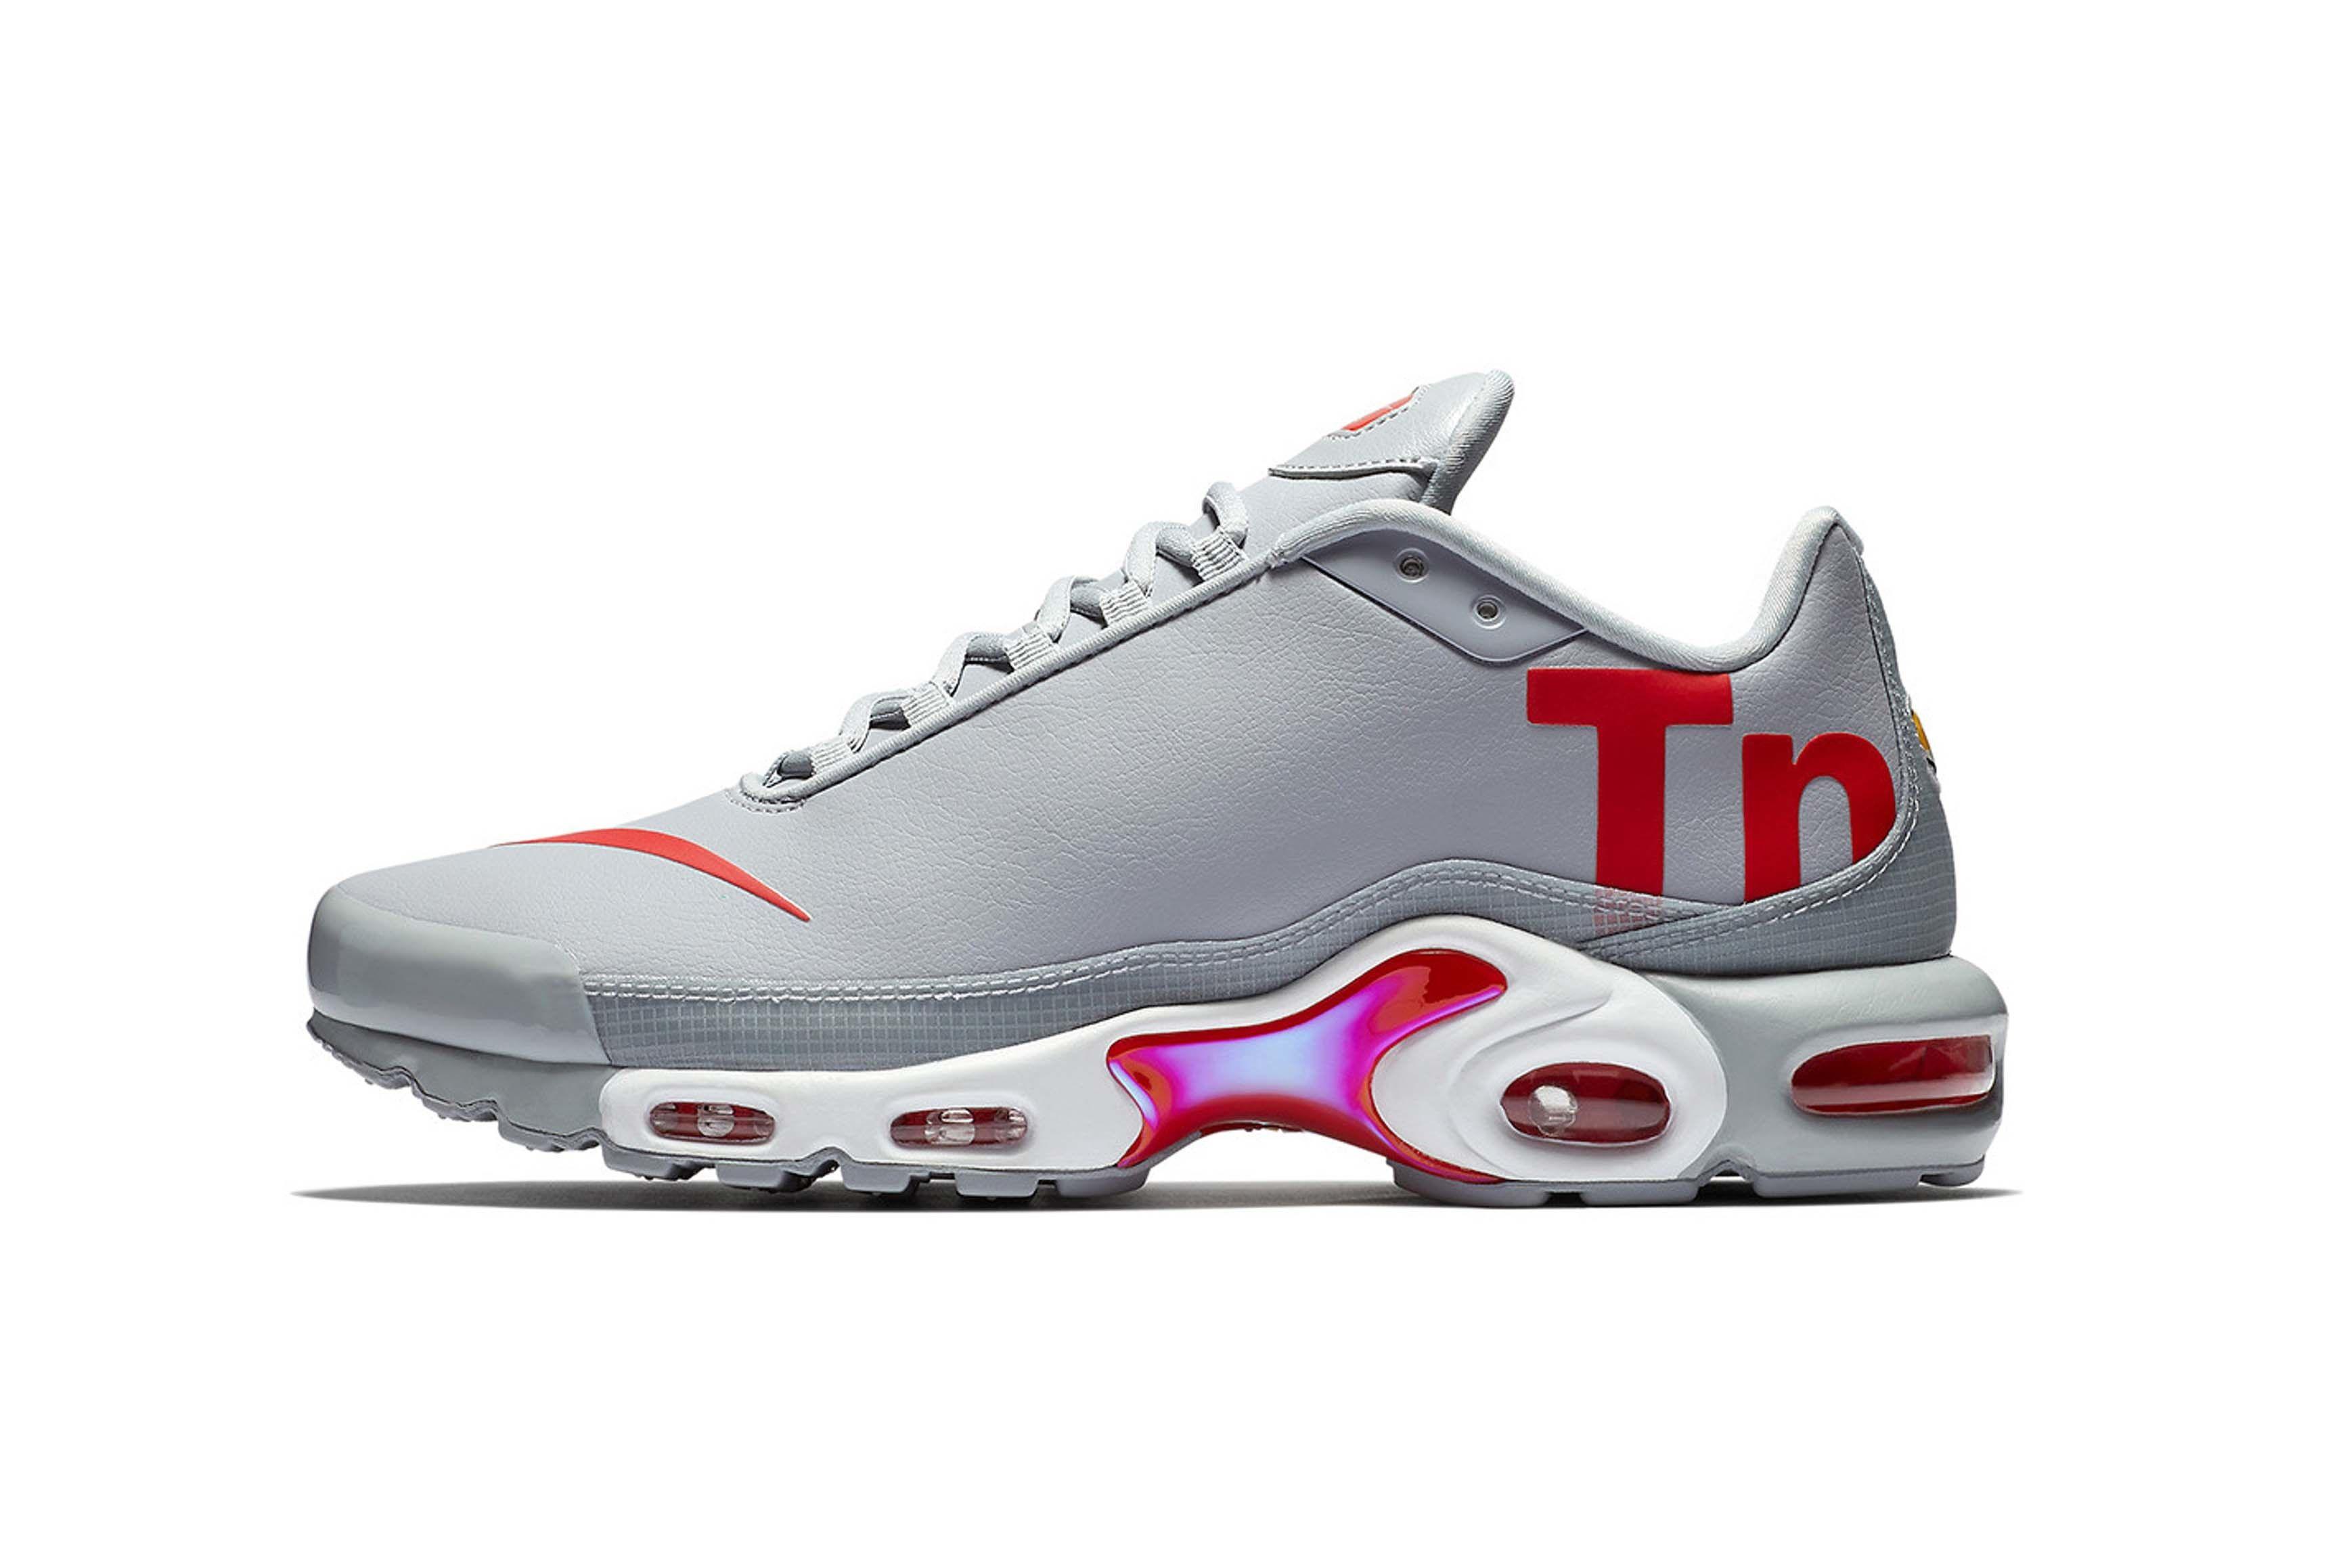 Nike Air Max Plus Aq1088 001 1 Sneaker Freaker